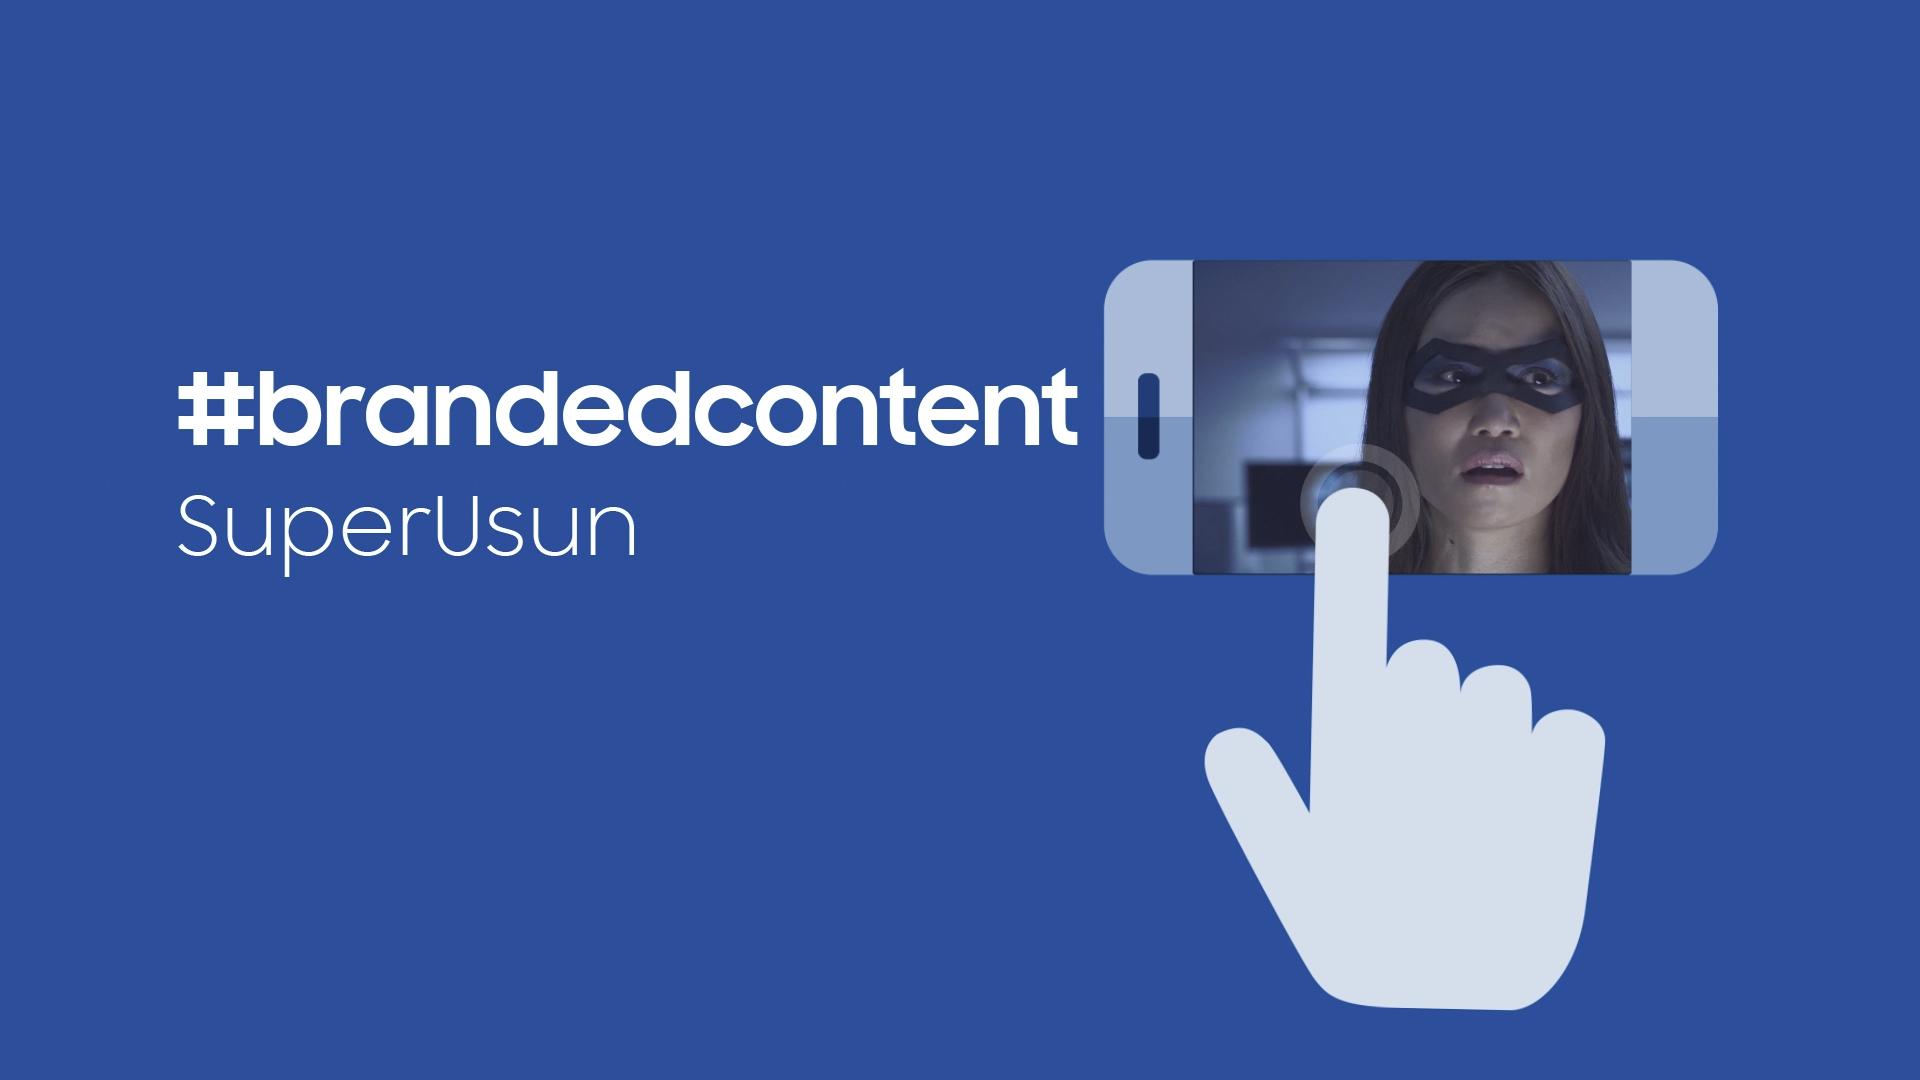 Socioººº - Samsung GalaxyS7 - Diseño de contenido